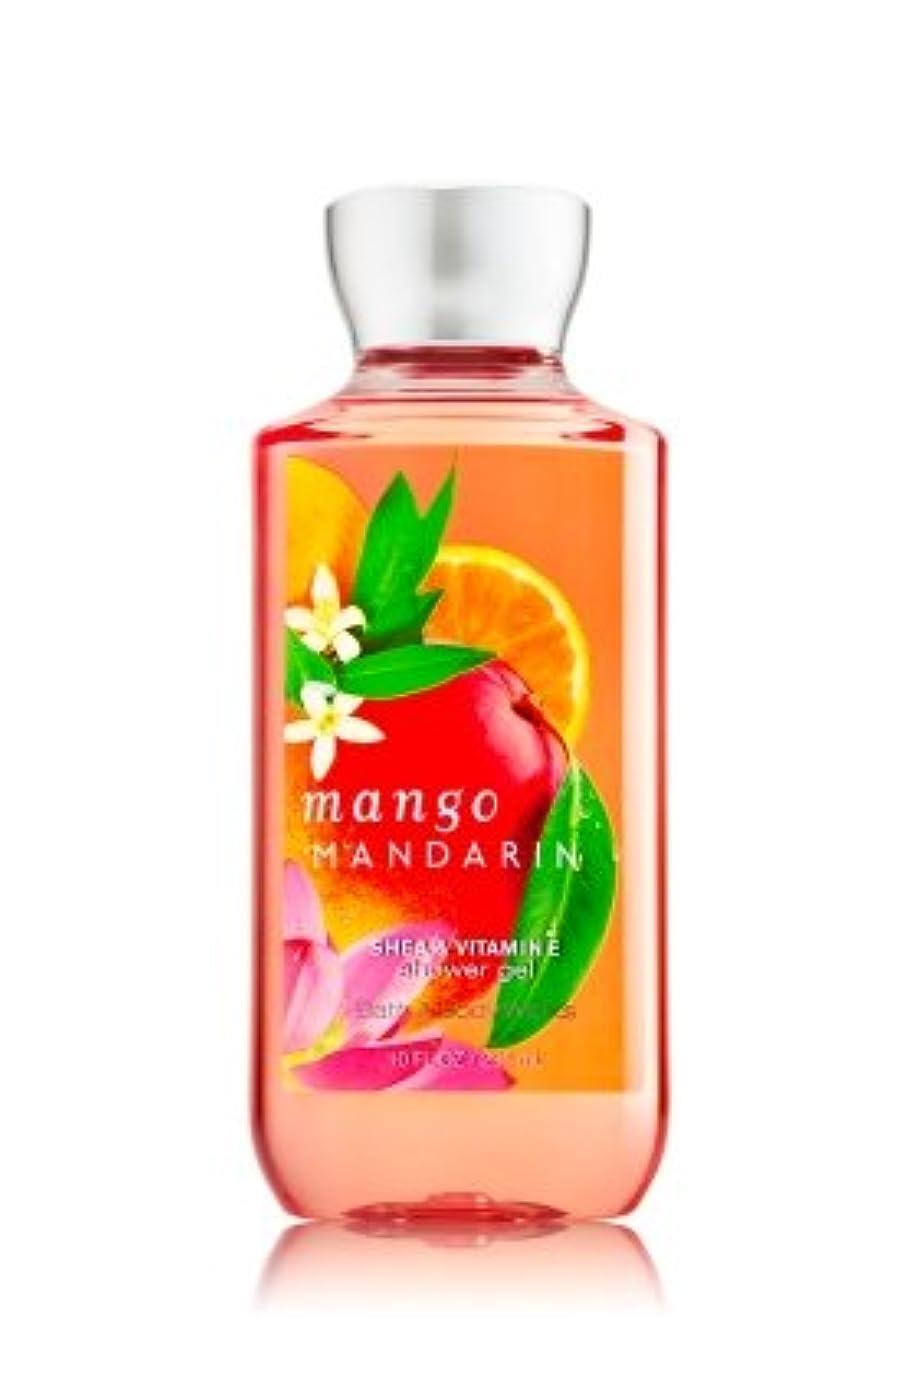 感情たらいタウポ湖【Bath&Body Works/バス&ボディワークス】 シャワージェル マンゴーマンダリン Shower Gel Mango Mandarin 10 fl oz / 295 mL [並行輸入品]